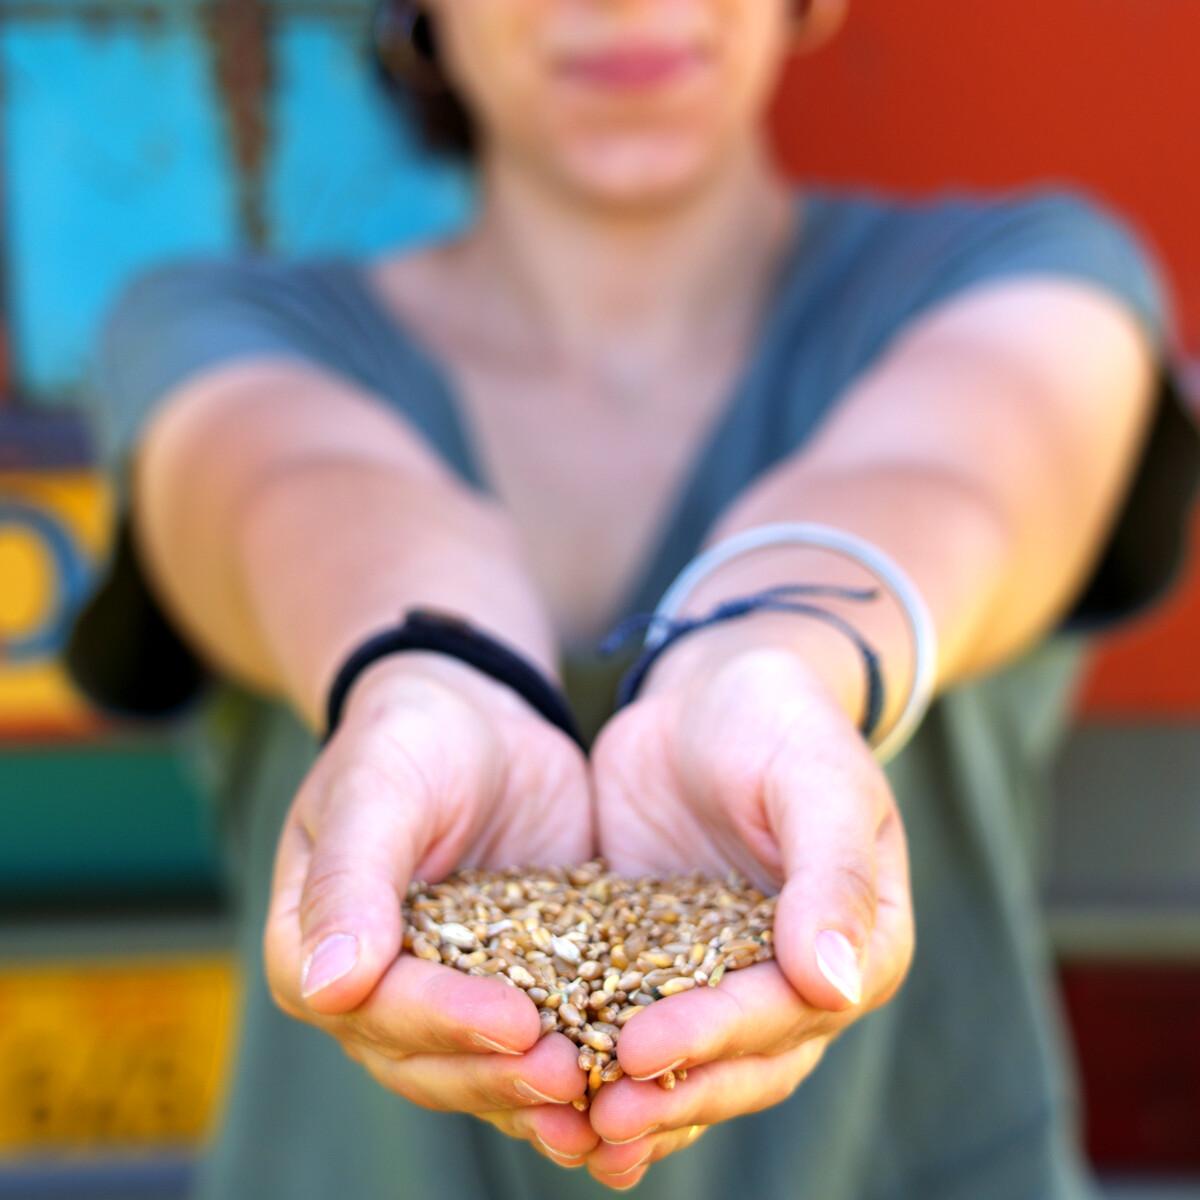 Il grano duro senza residui di pesticidi è possibile: la sfida del distretto della Martesana